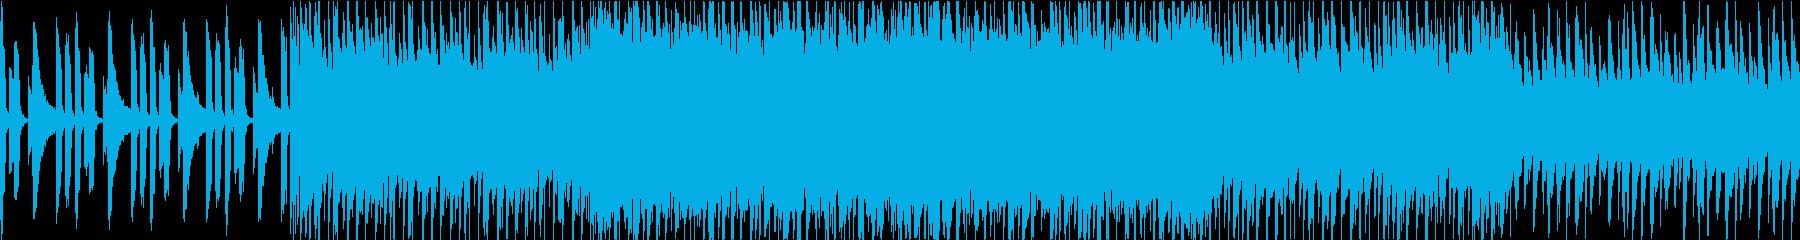 【日常系】ピアノでほのぼの&ワクワク感の再生済みの波形